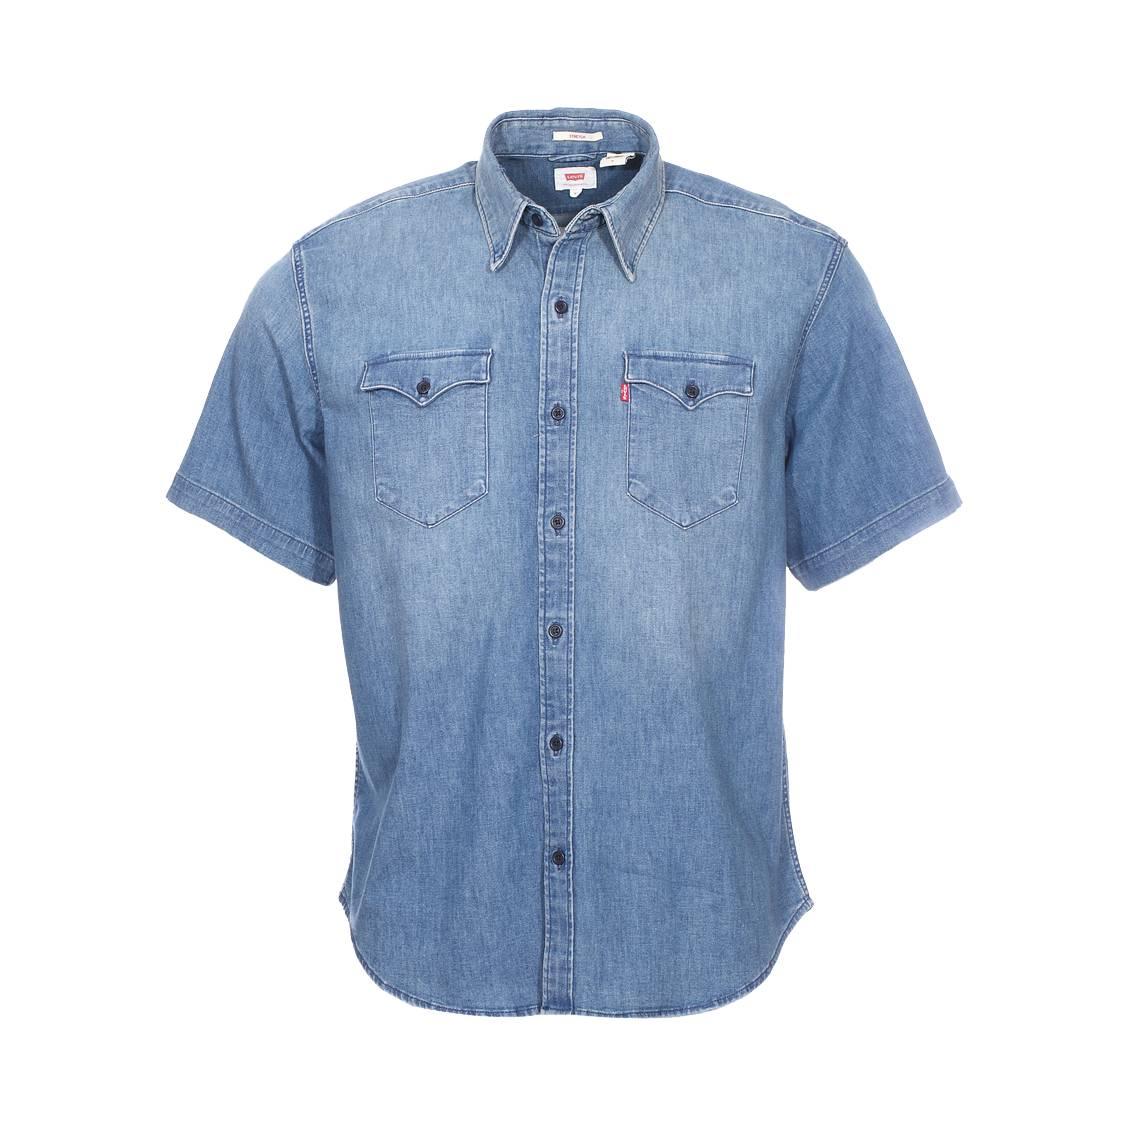 Chemise droite en jean manches courtes levi\'s modern barstow en coton stretch bleu légèrement délavé